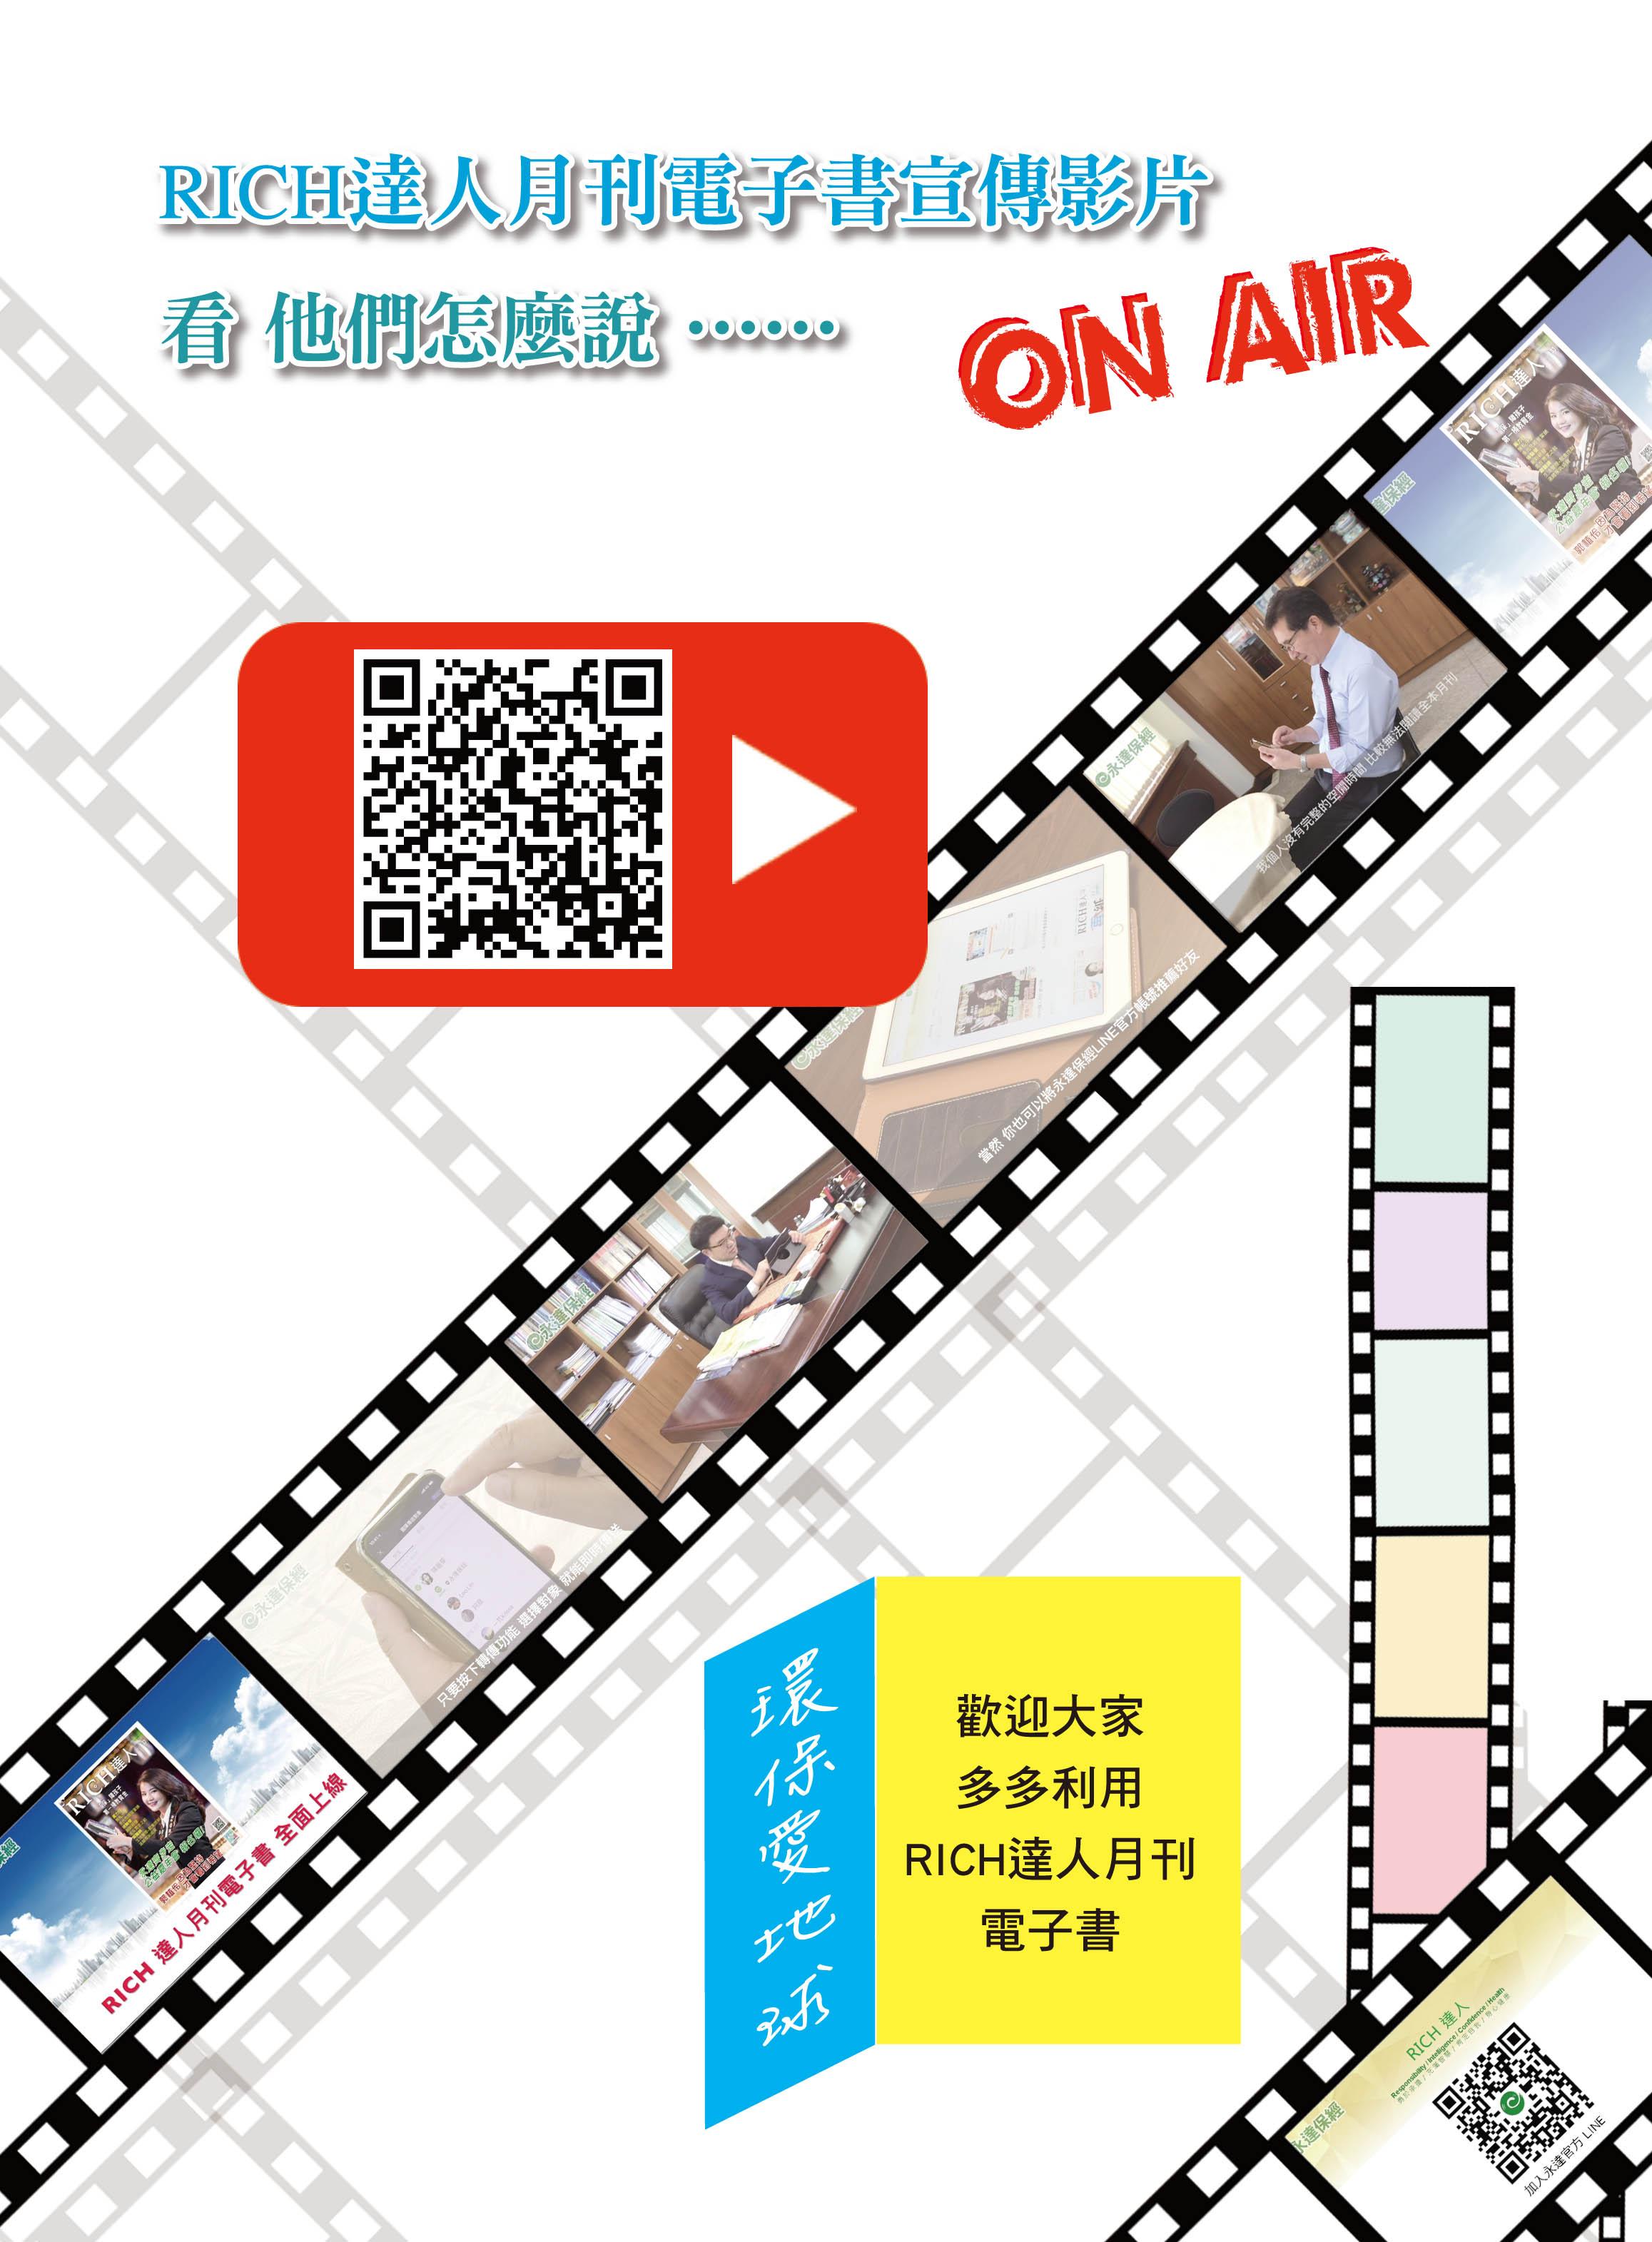 達人月刊電子書宣傳影片 ON AIR,觀賞請點